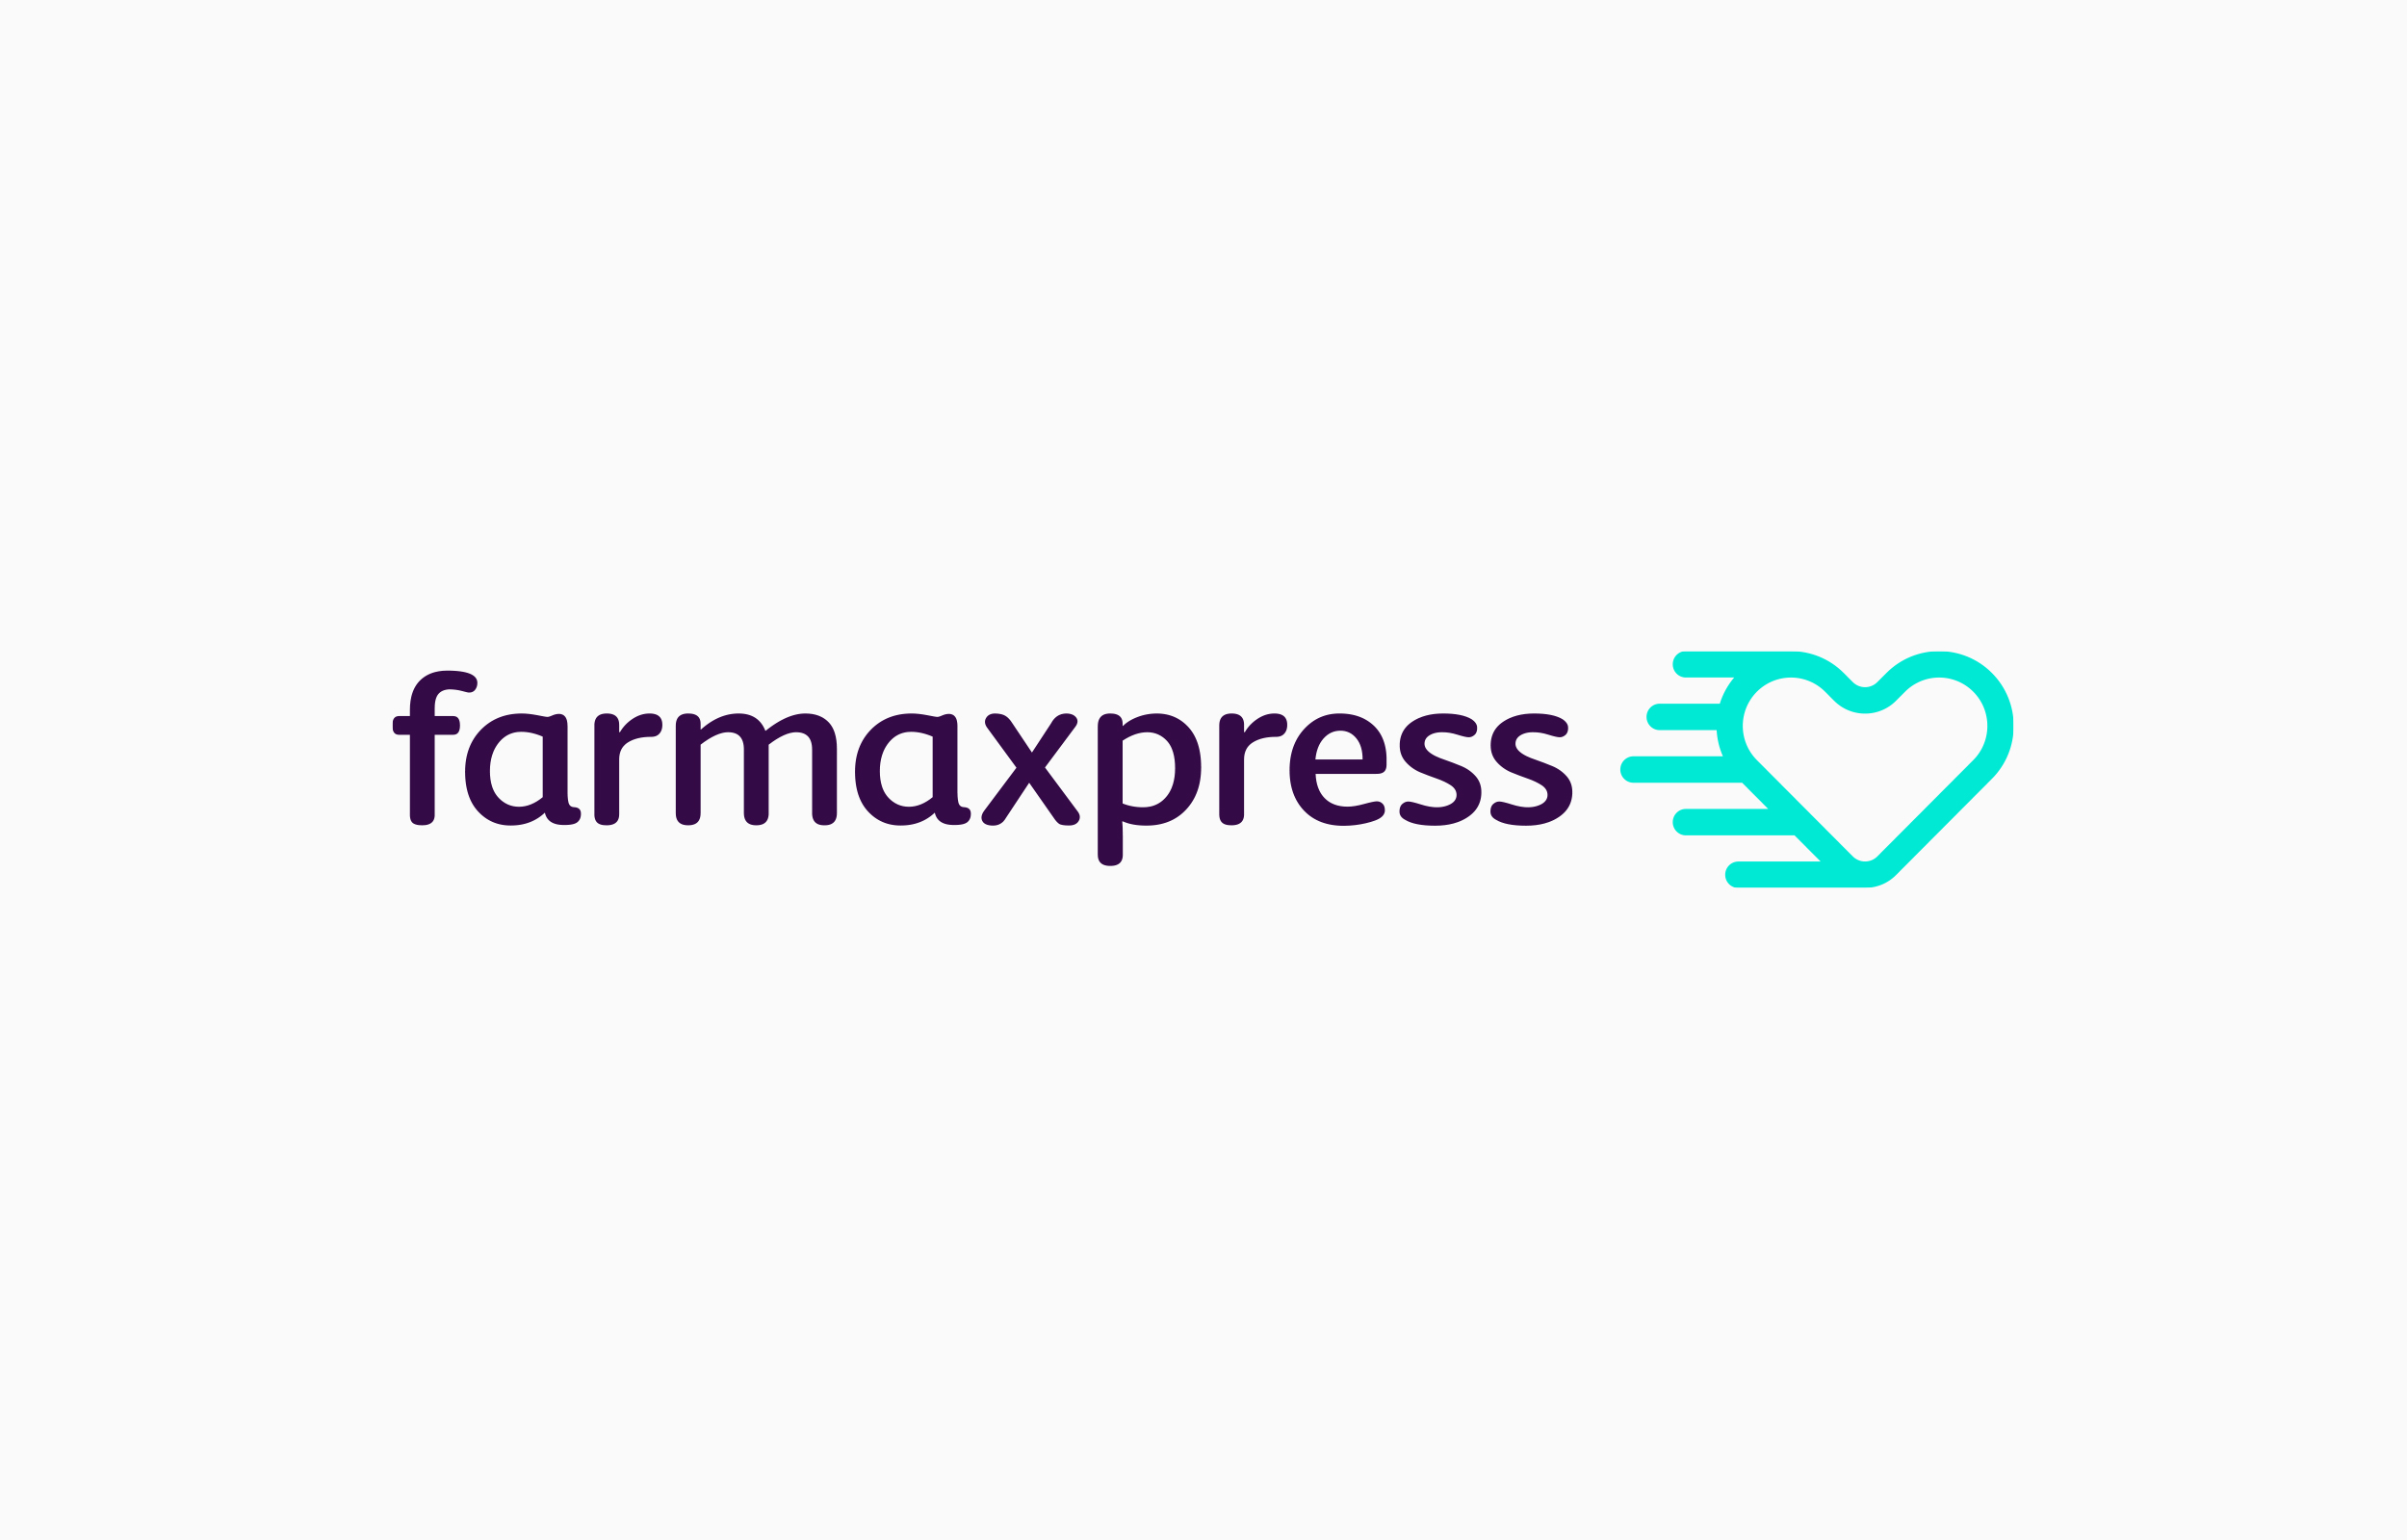 diferente_farmaxpress_logo_hr